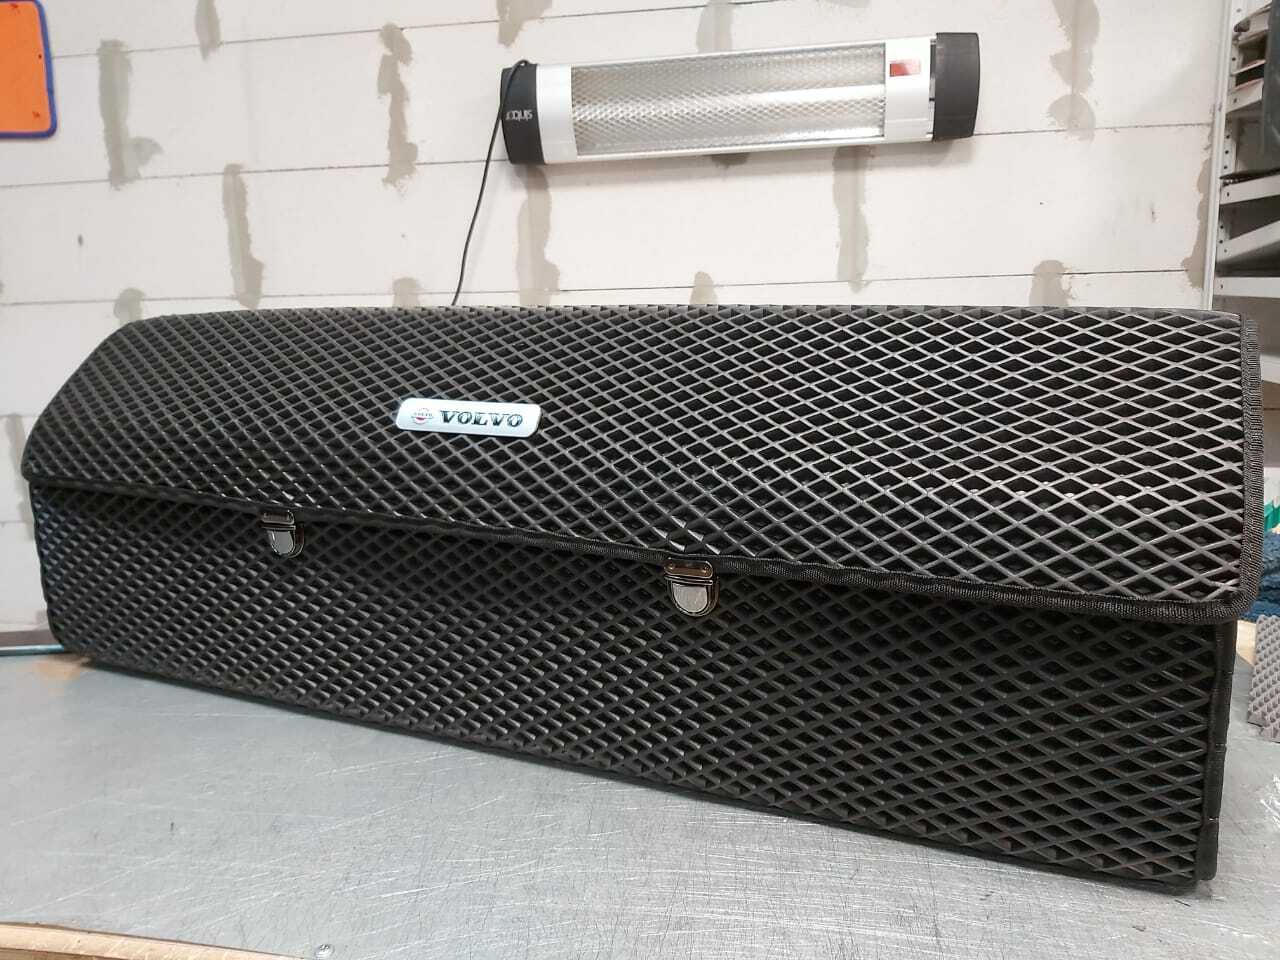 Саквояж (органайзер) стандартного размера из ЕВА материала